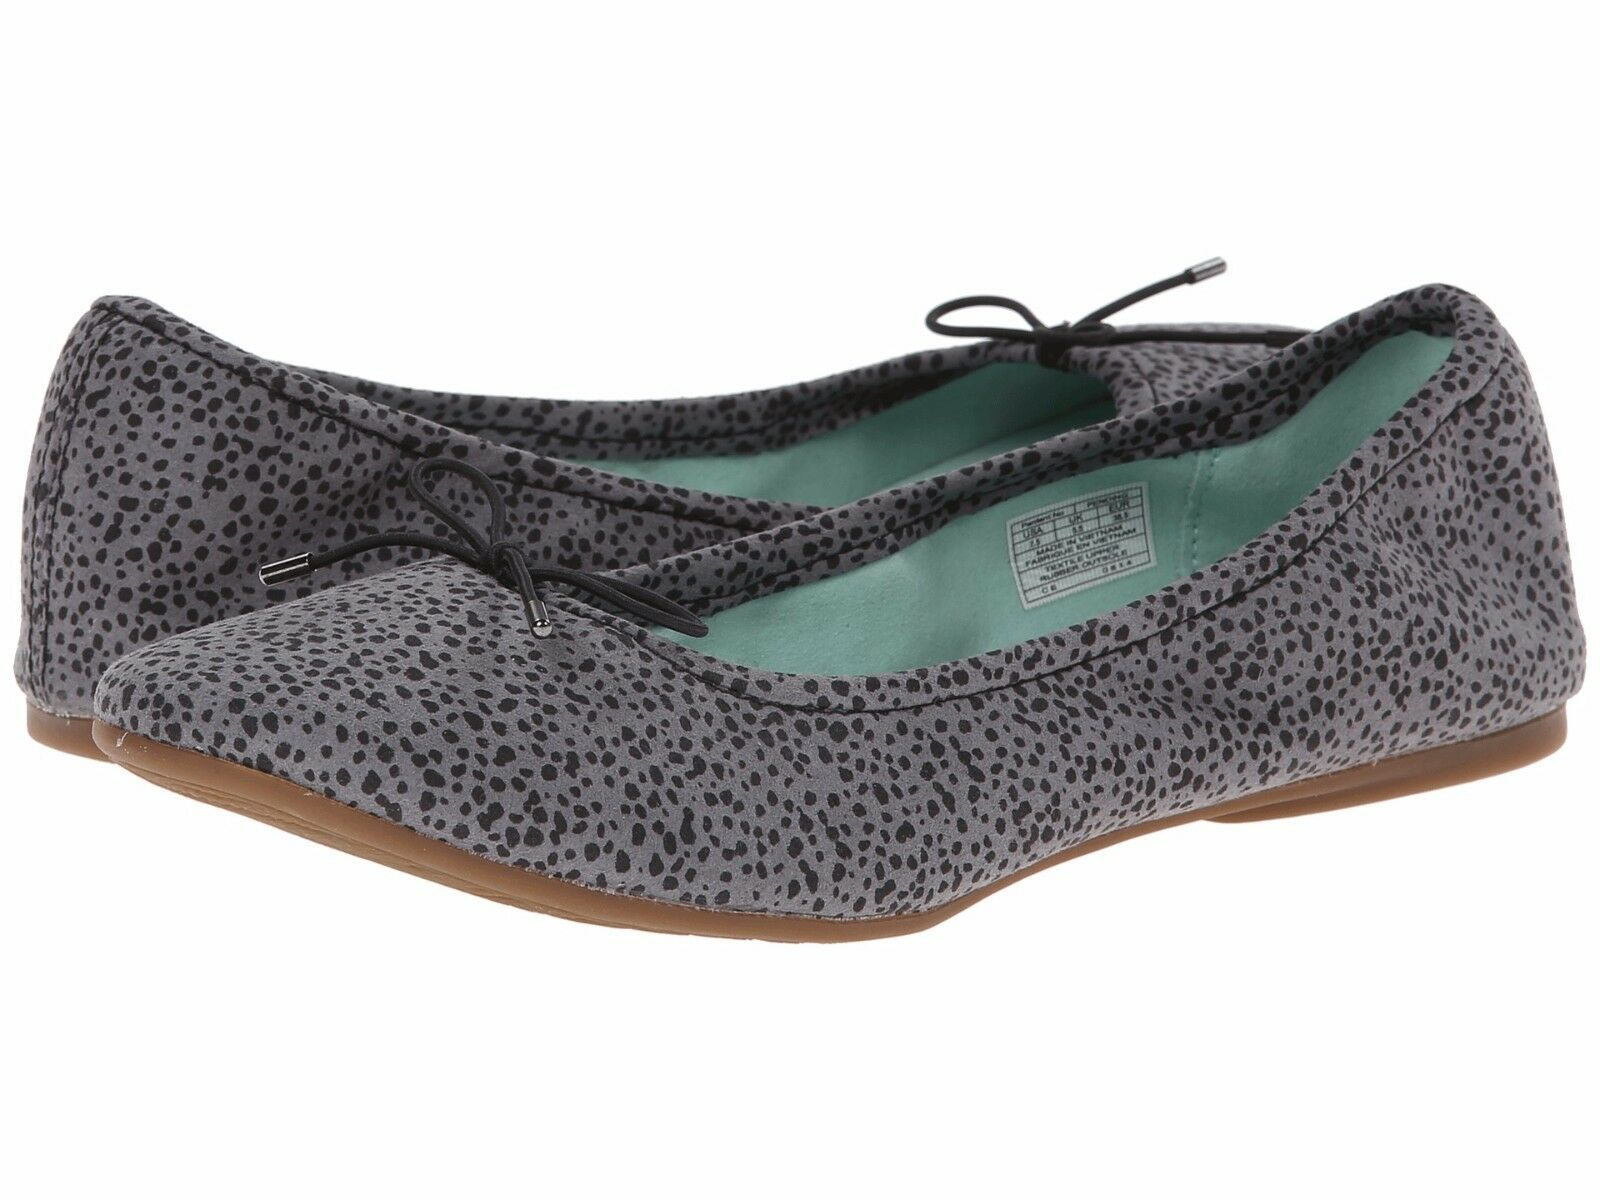 Sanuk Pantofole Yoga Prima Donna Balletto Pantofole Sanuk 7 Grigio Animale Pois Nuovo 7b1329